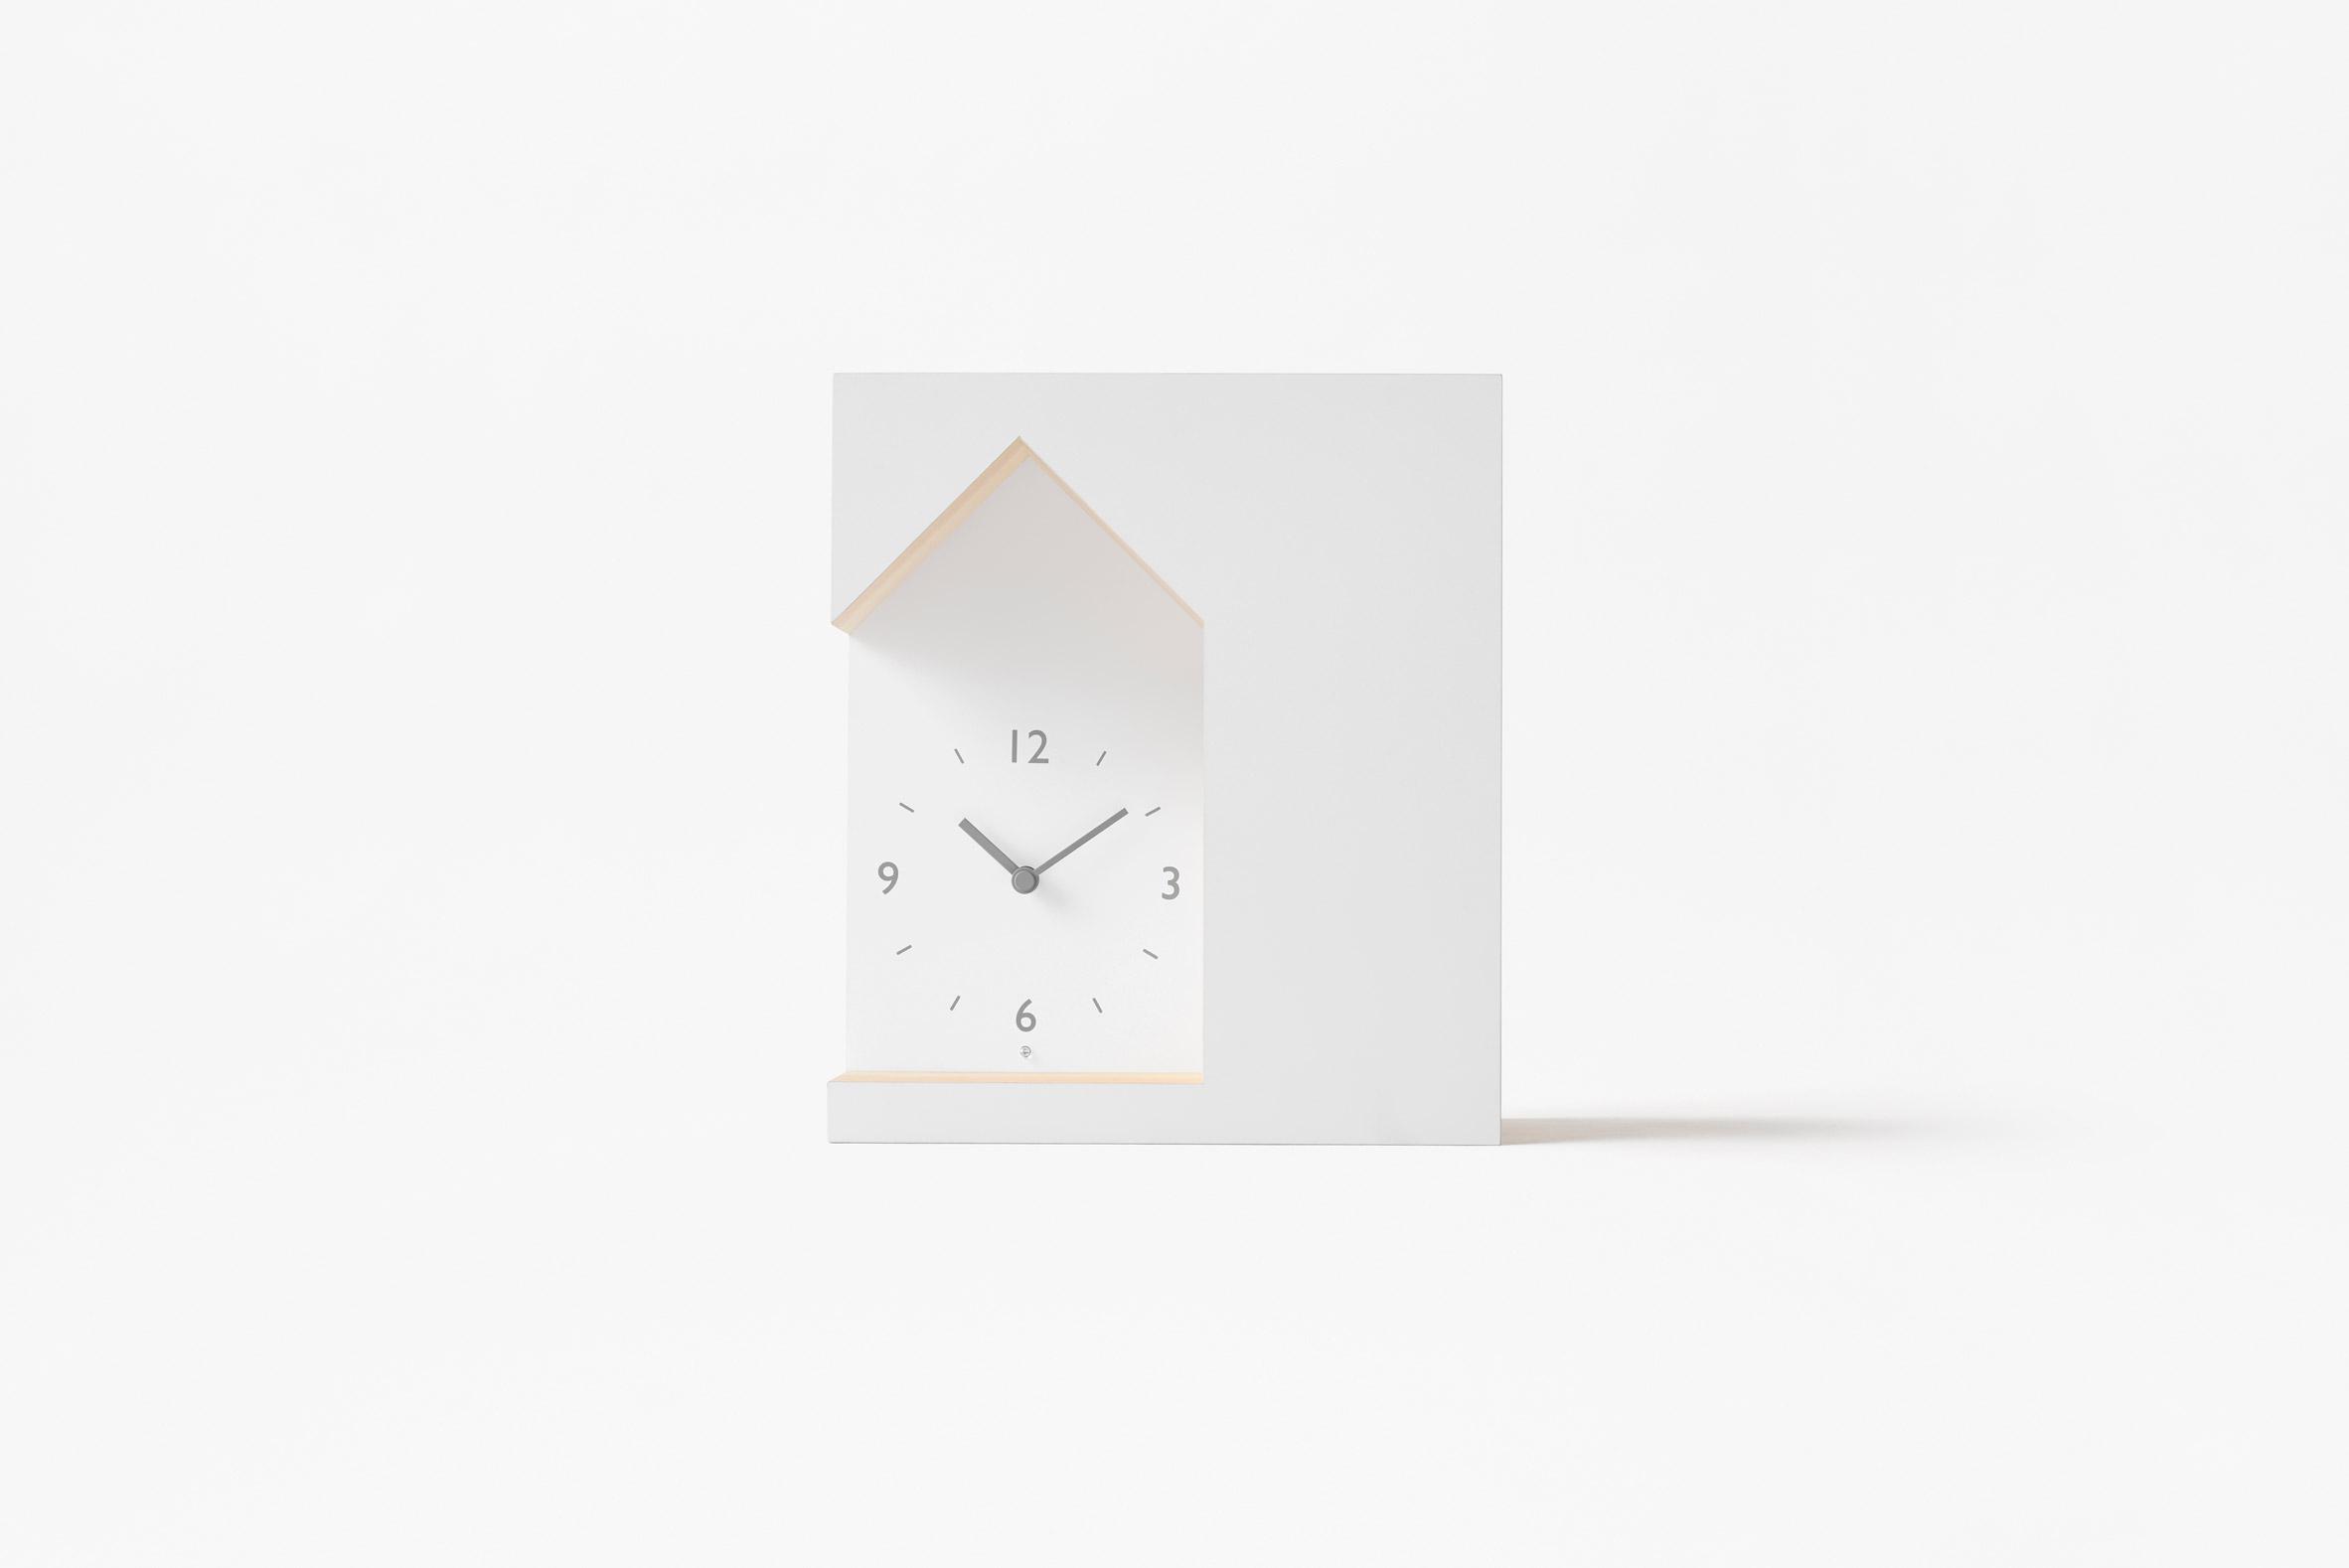 nendo-cuckoo-clocks-noko-011.jpg